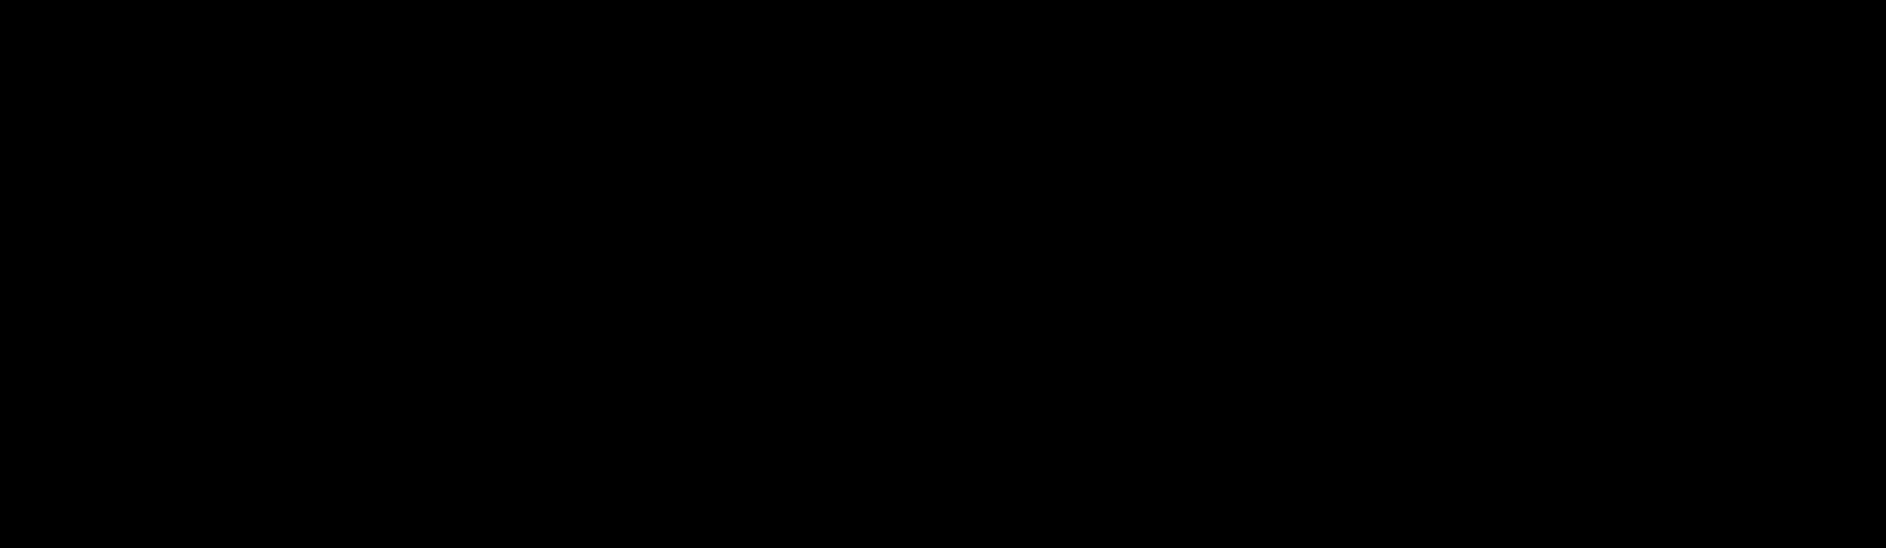 3-β-D-Glucopyranosyl isoferulic acid methyl ester